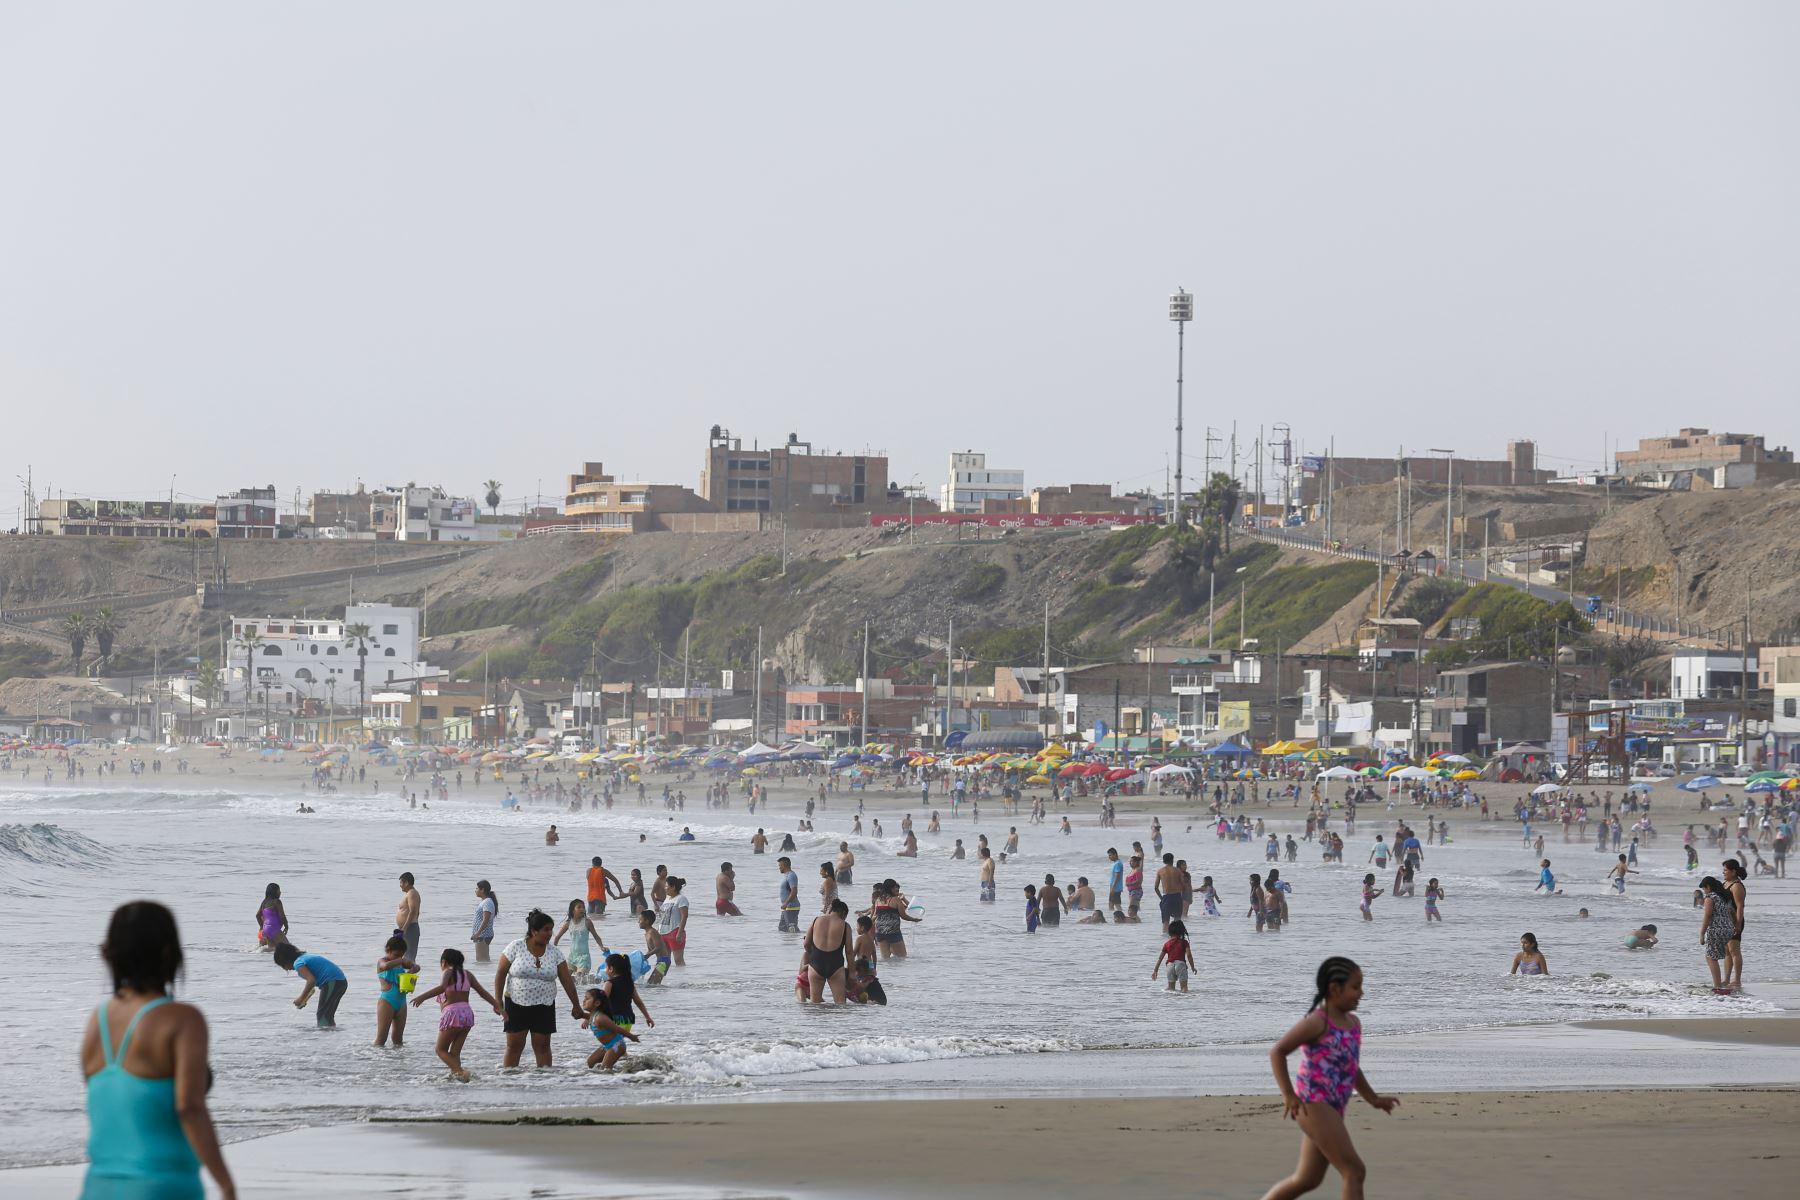 Playa Puerto Chico encanta con sus suaves olas que permiten a grandes y chicos disfrutar de su mar. Foto: ANDINA/Renato Pajuelo